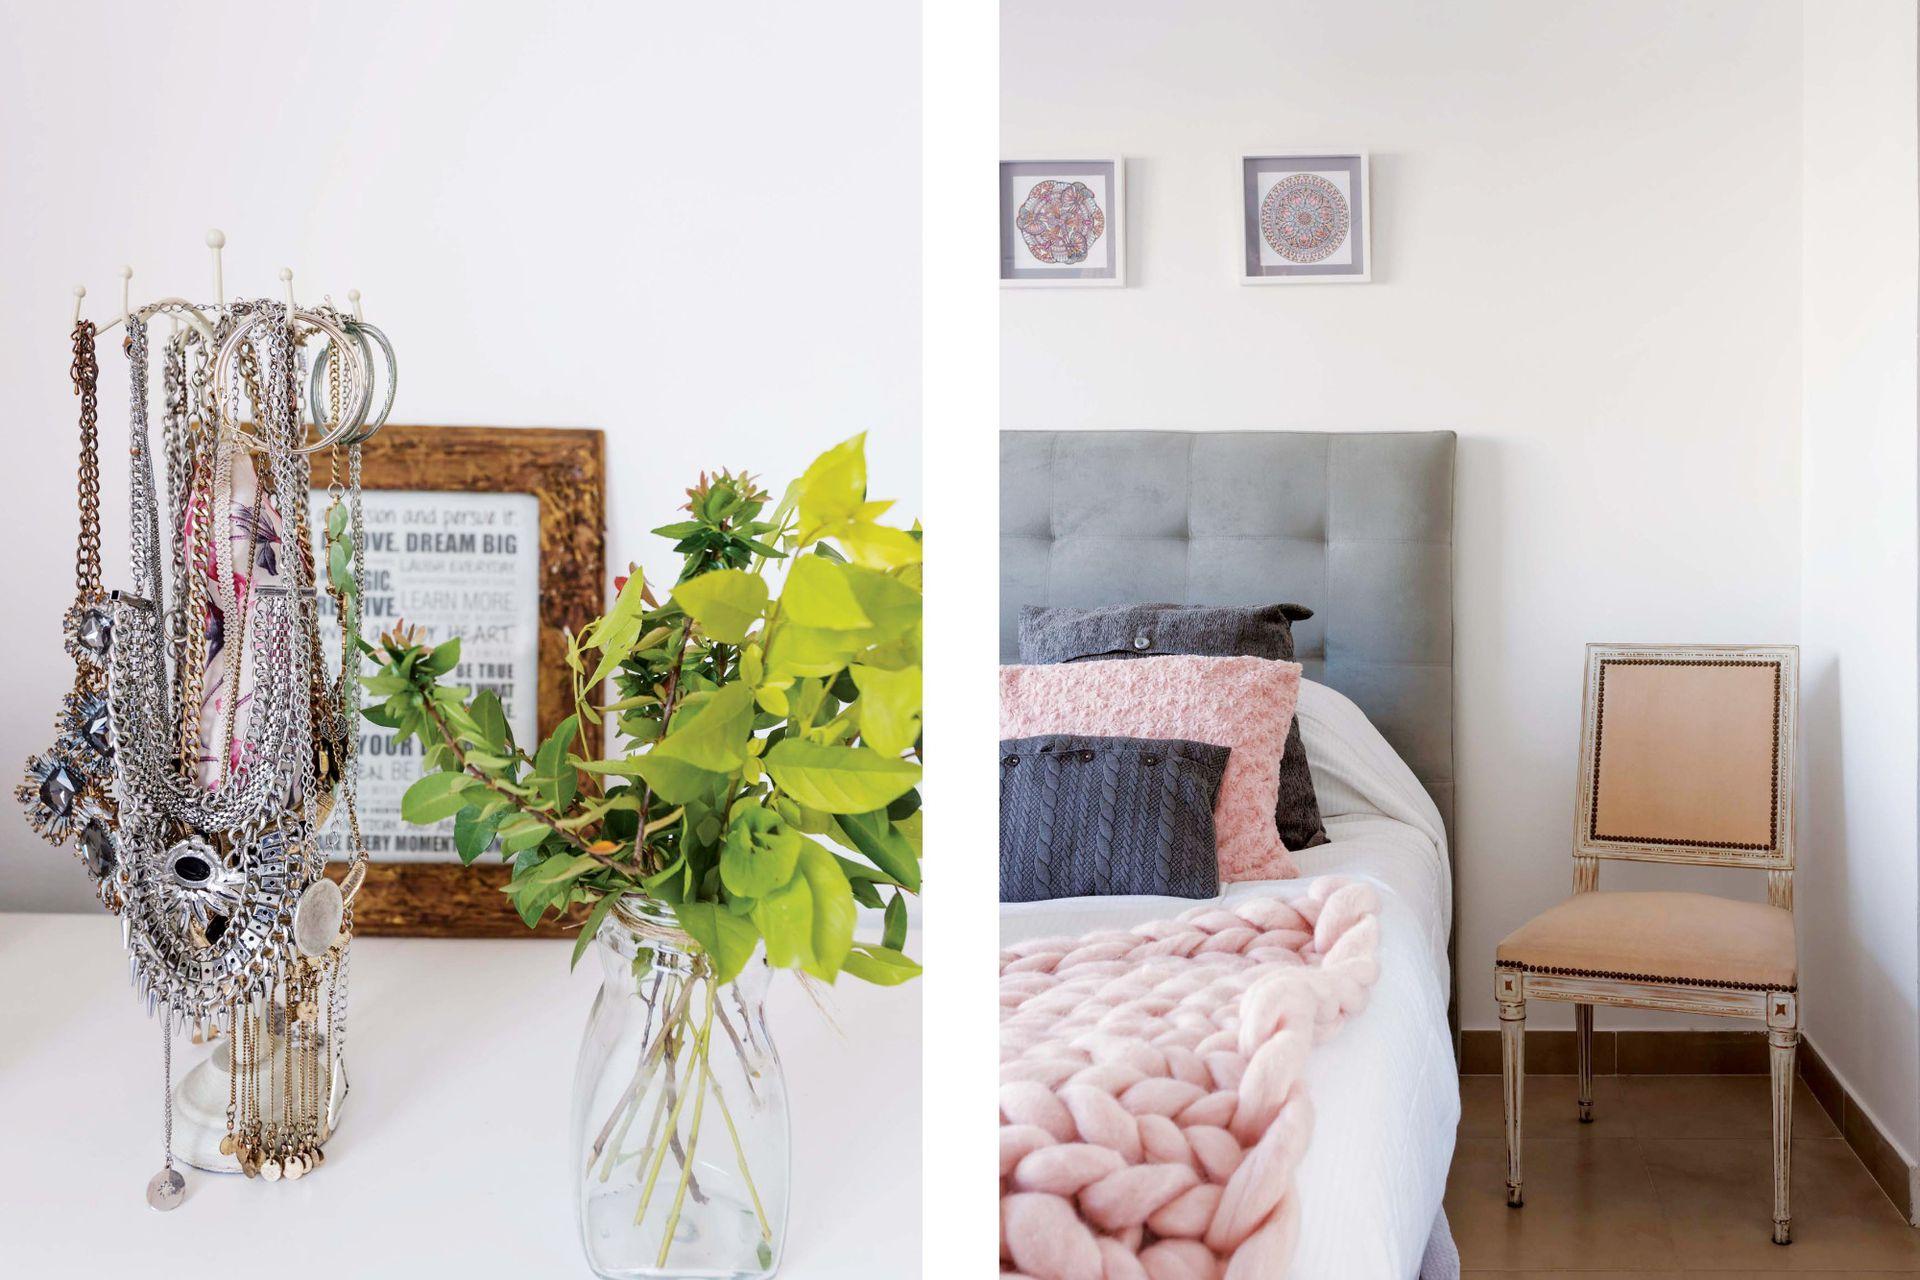 Una silla tapizada de rosa que le regaló una amiga hace las veces de mesa de luz. En la pared, mandalas enmarcados (Innova Creaciones).